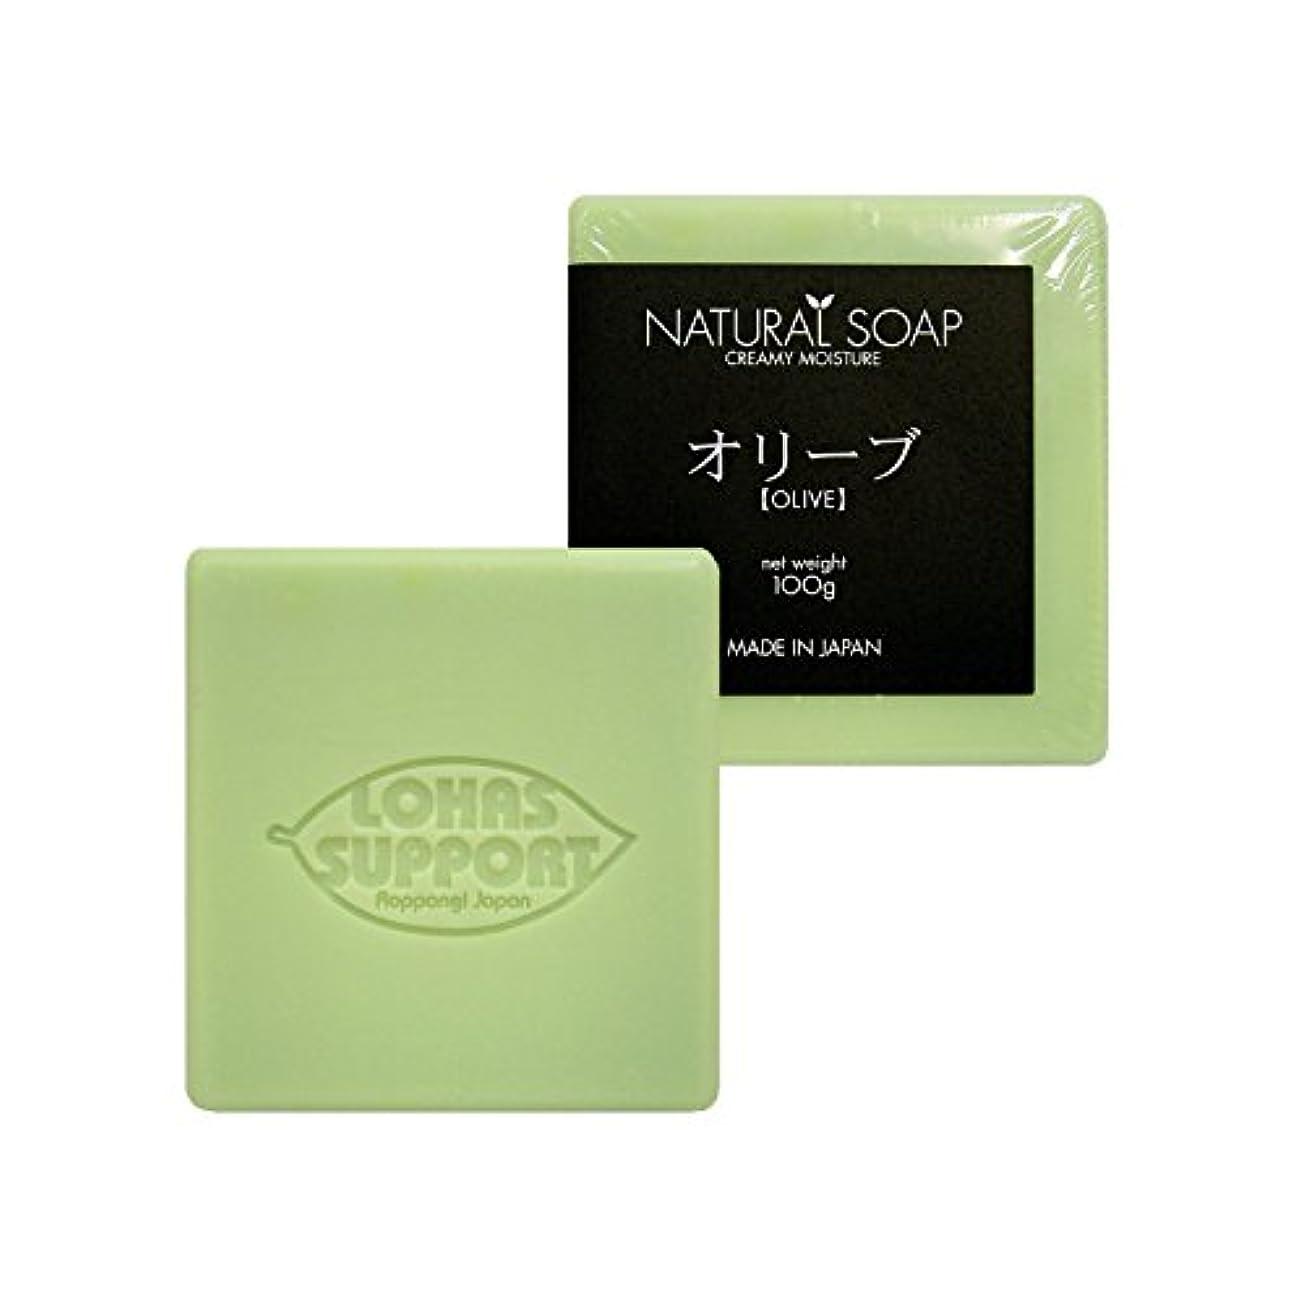 可能にするルアー郵便局NATURAL SOAP